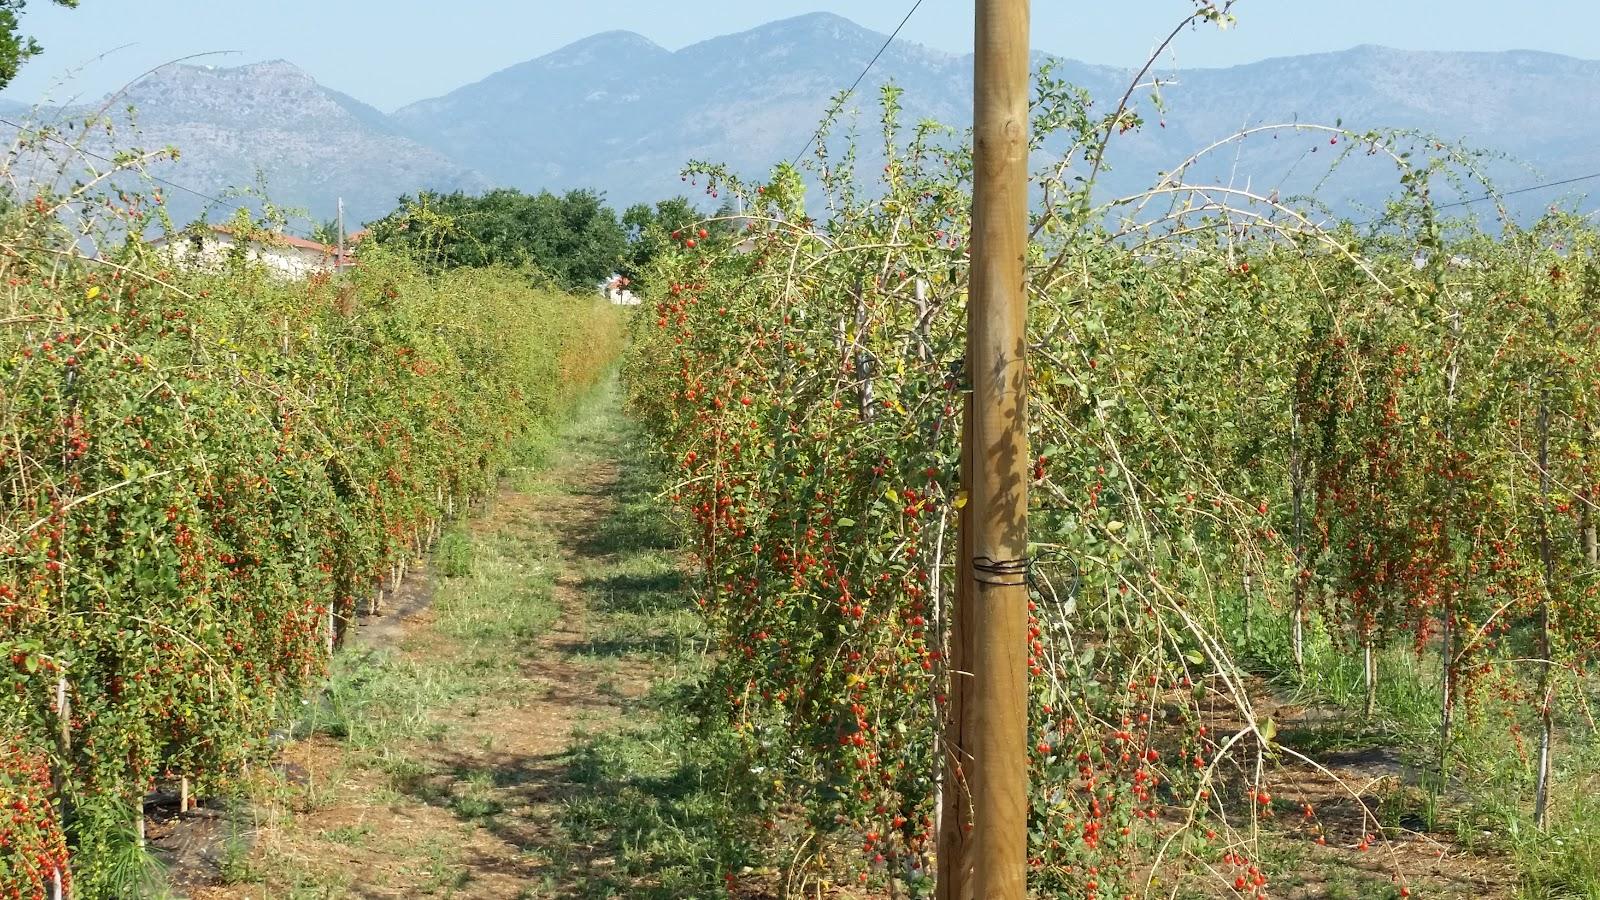 Agronomic advice goji visita ad un impianto in produzione for Coltivazione goji